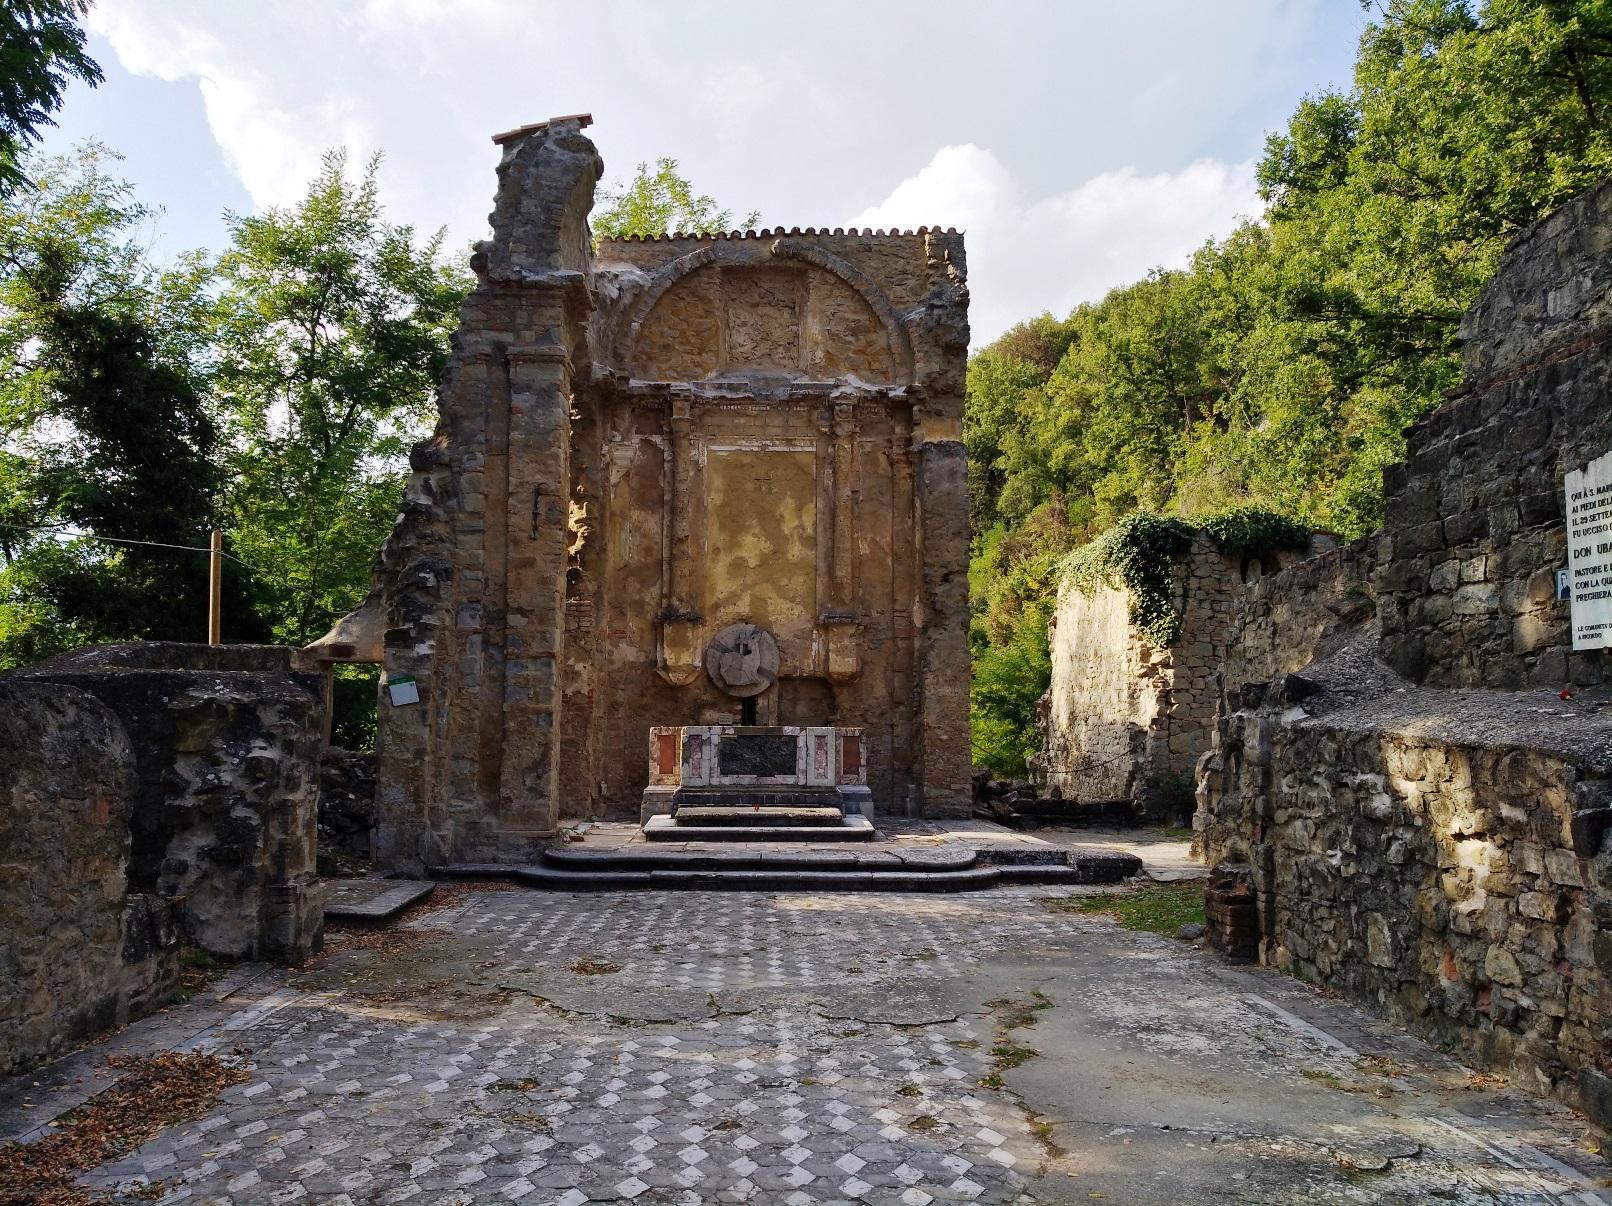 strage di Marzabotto - Le rovine della chiesa di Casaglia